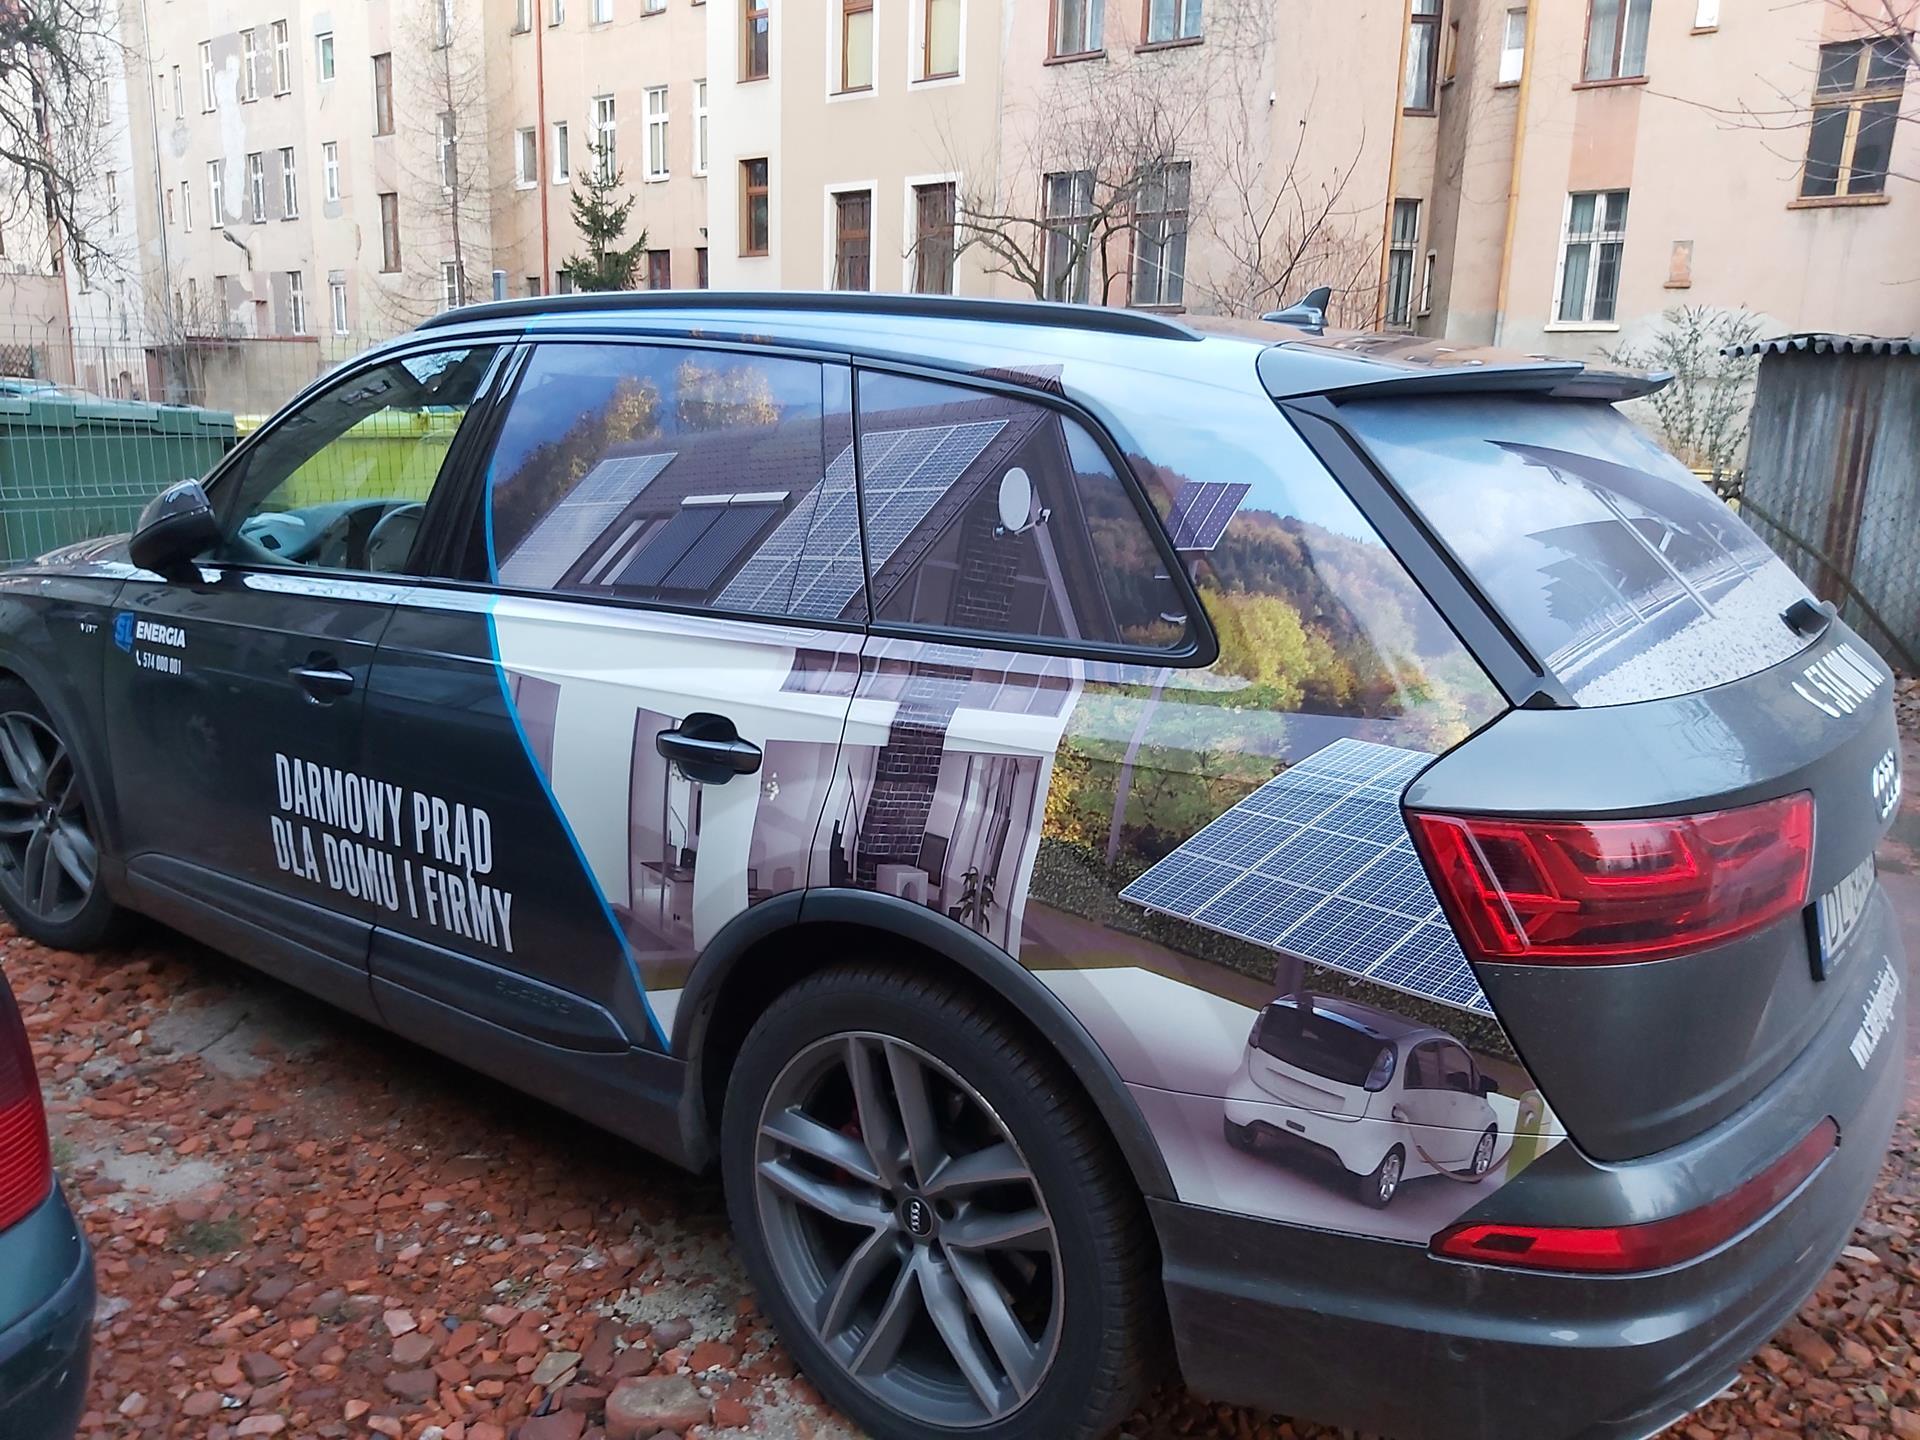 oklejanie samochodów - druk wielkoformatowy Legnica